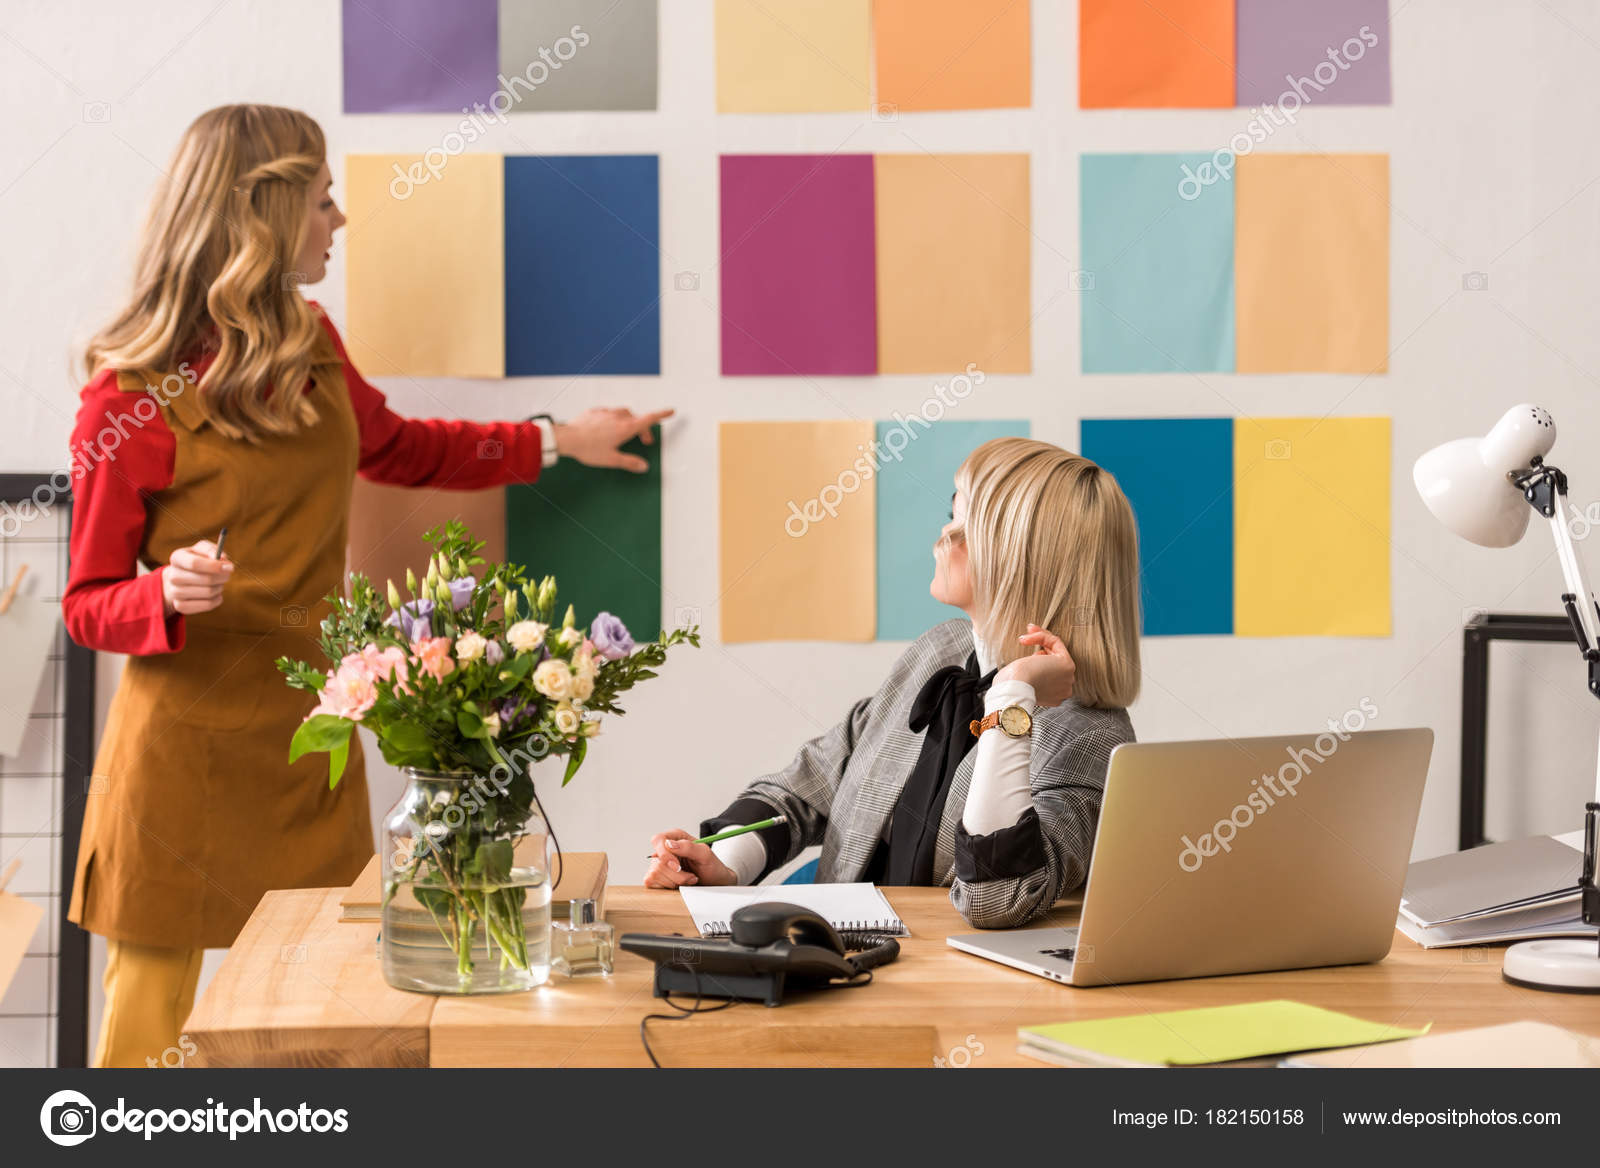 Colori Ufficio Moderno : Editori riviste alla moda lavorando con tavolozza colori ufficio